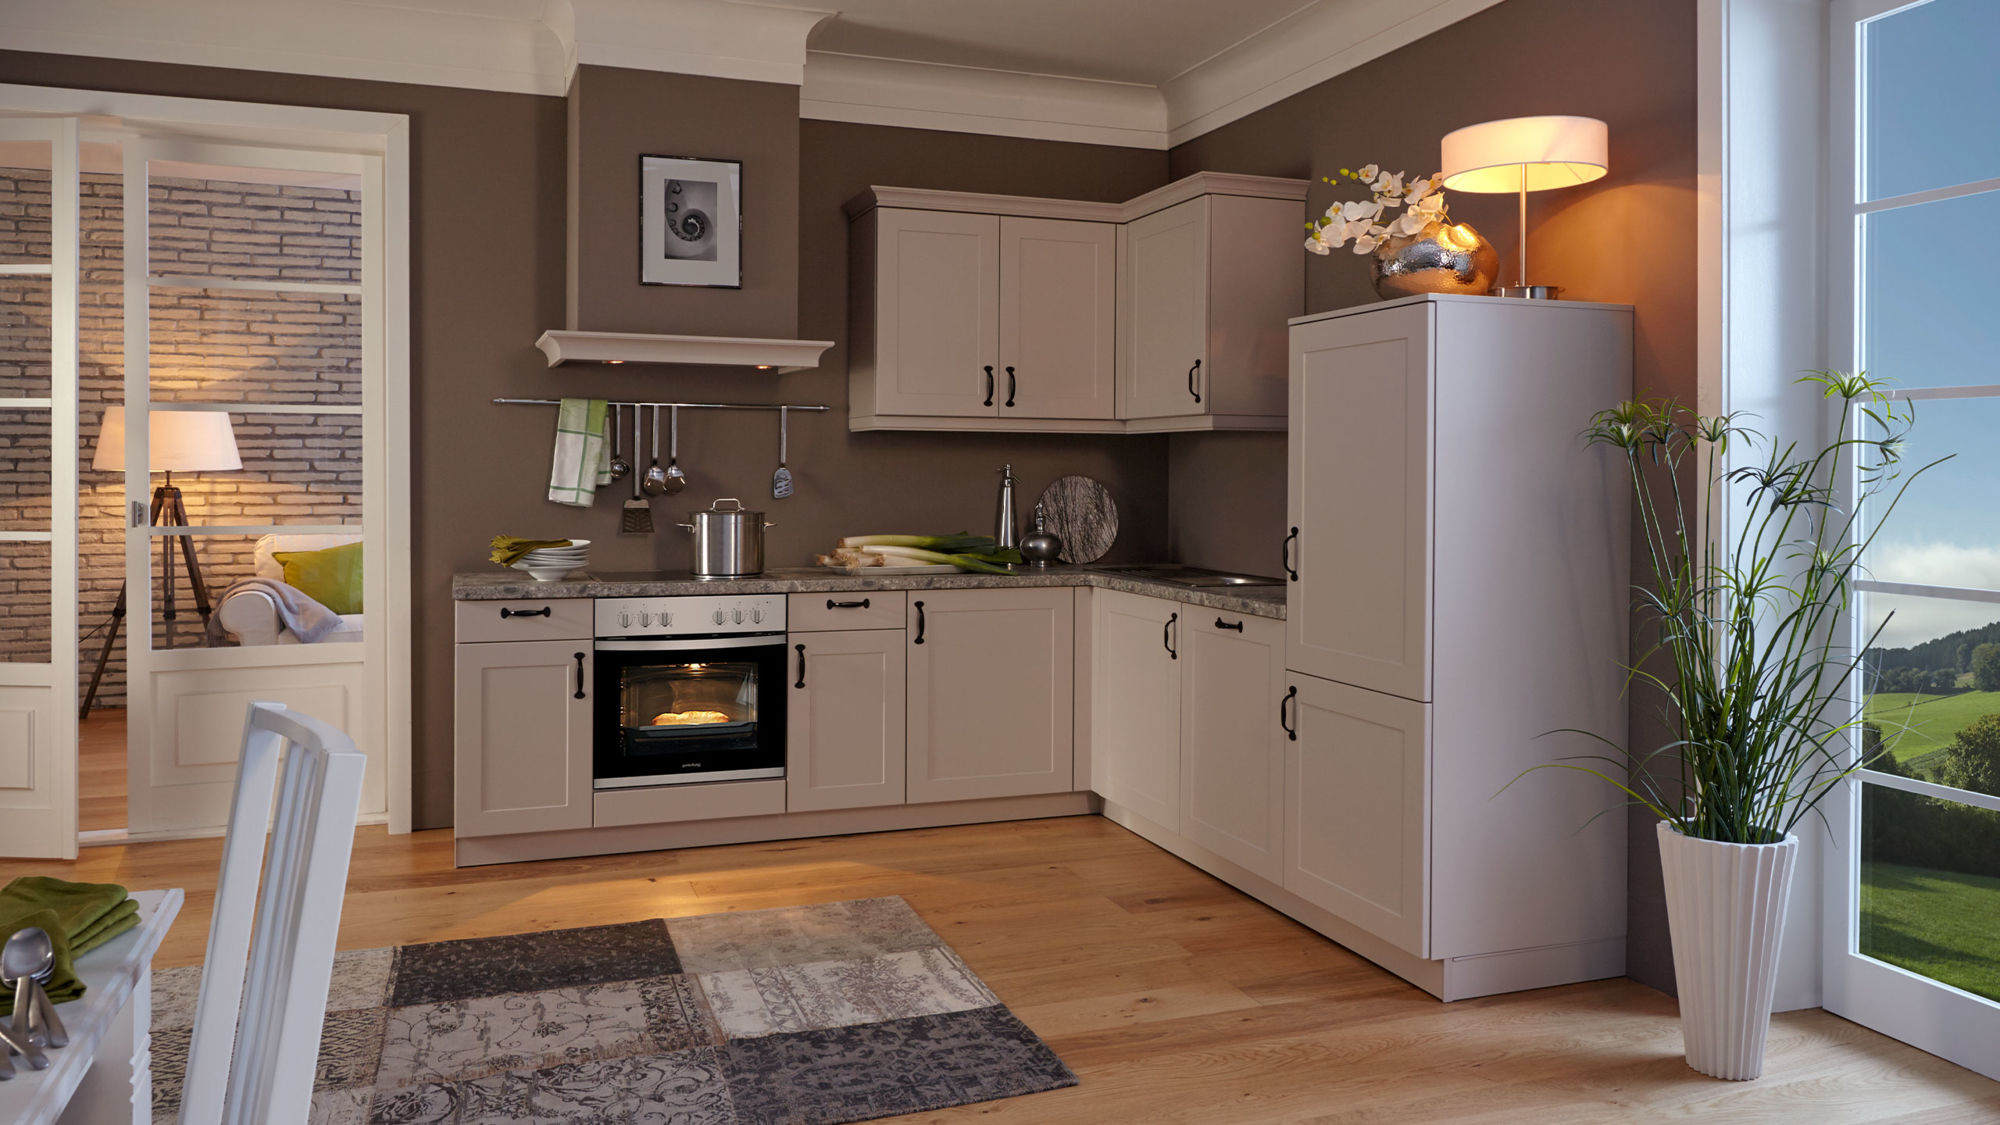 Landhaus L-Küche Viktoria von Wert Küche mit Front in Satinlack, Sandgrau